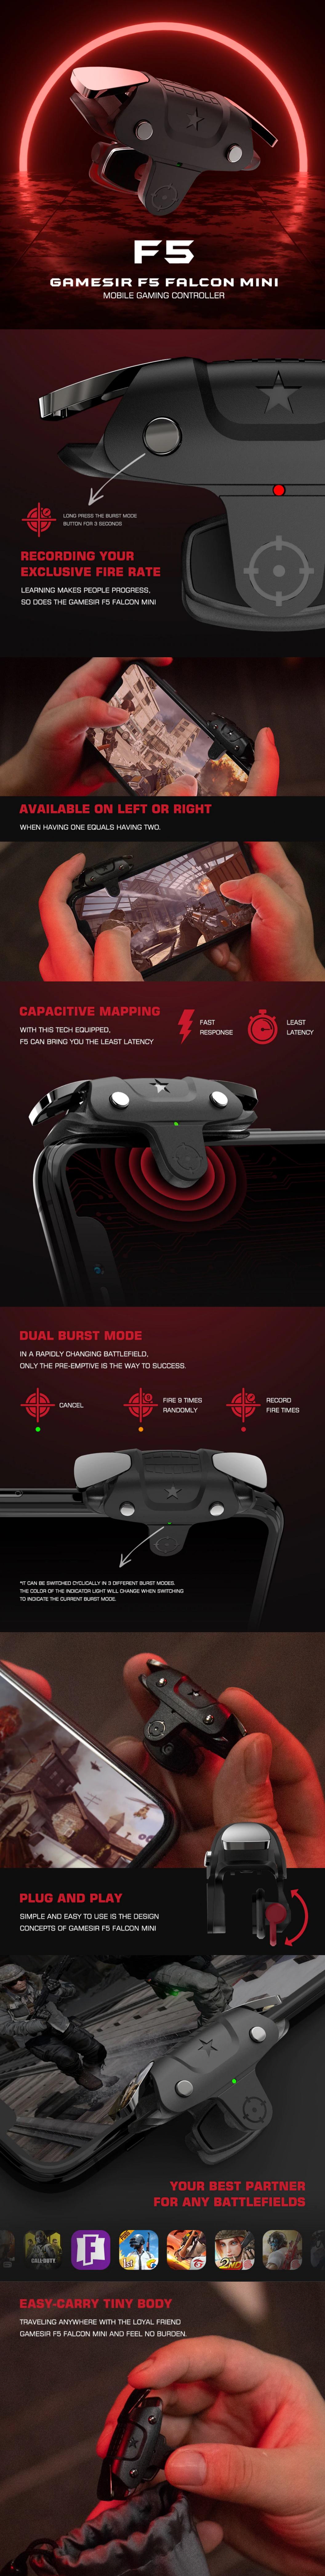 Геймпад GameSir F5 Falcon Mini для мобильных игр, подключи и играй